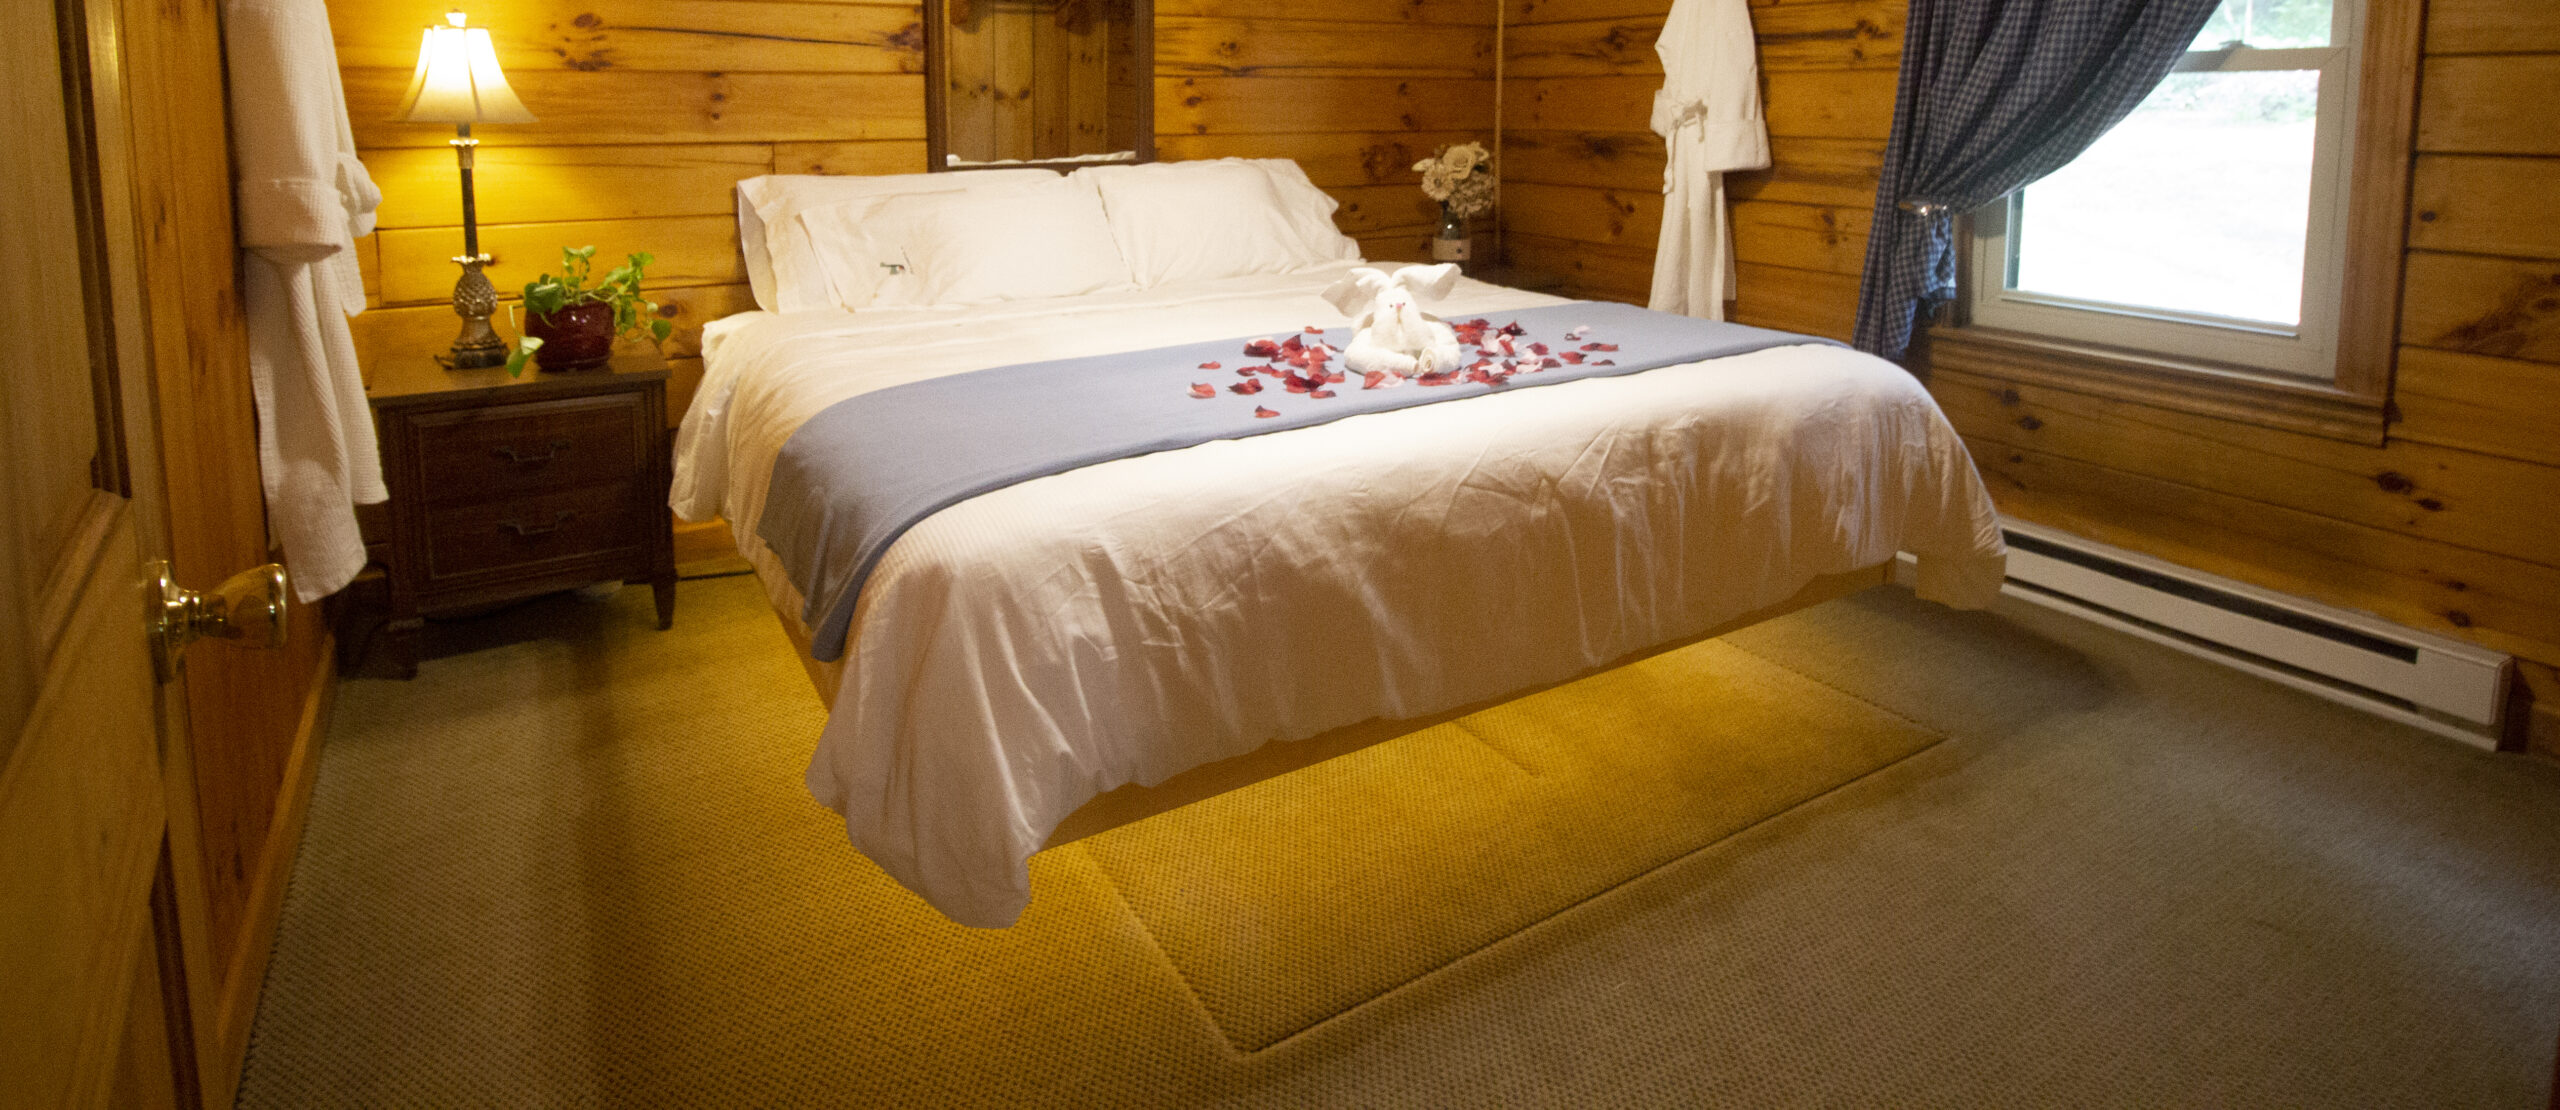 Hocking Hills Cabin Rentals